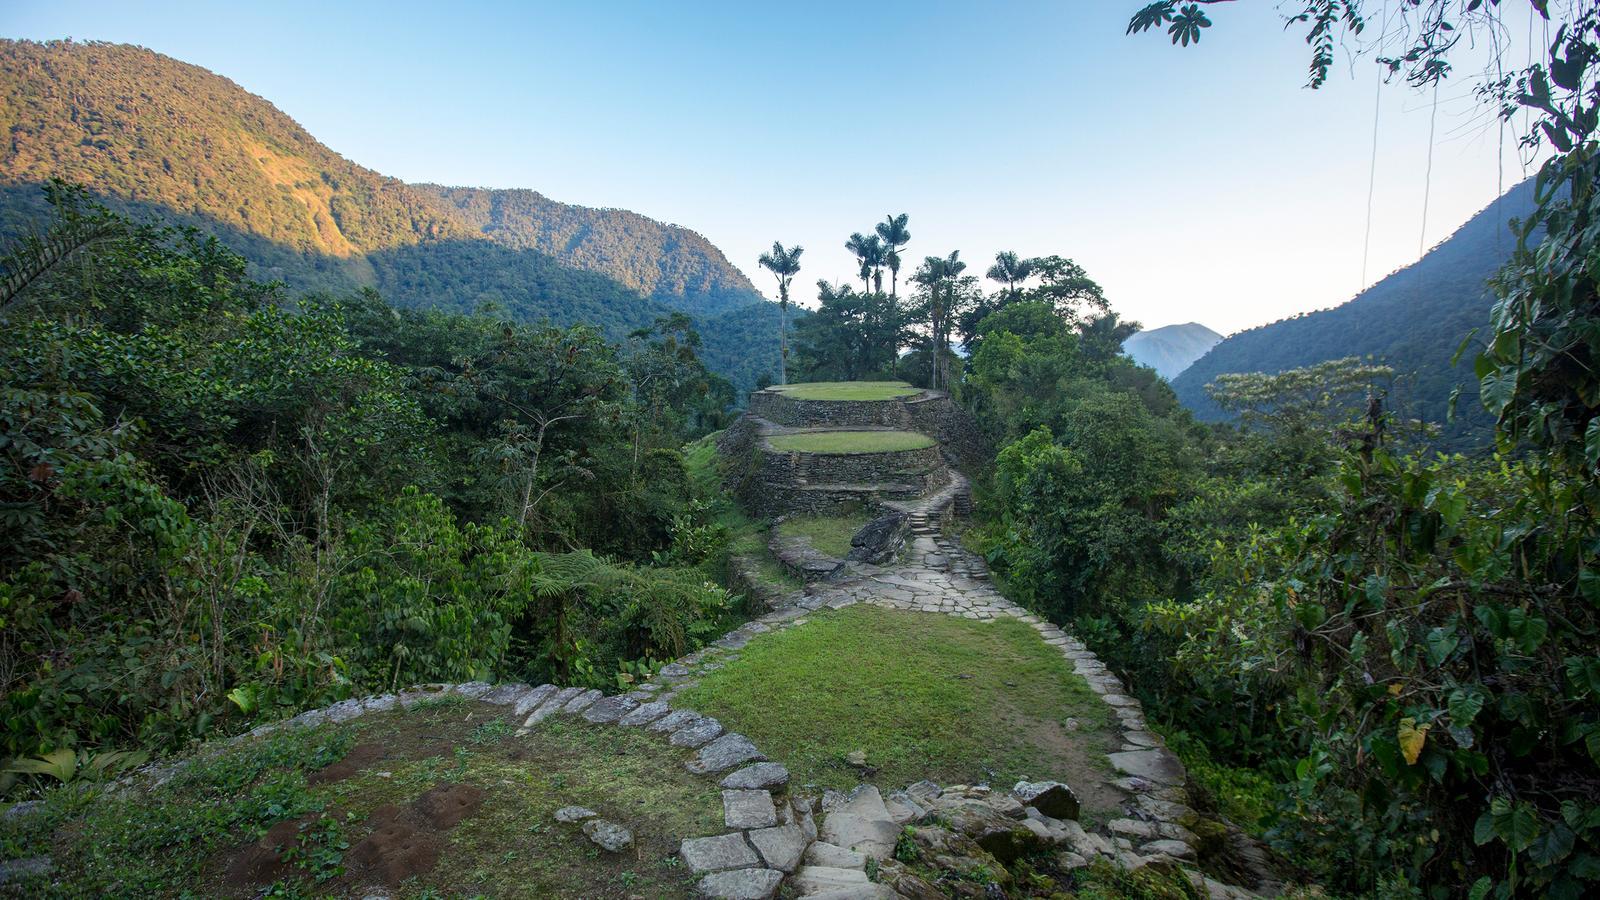 Kolumbien Aktivreise Trekking zur verlorenen Stadt in der Gruppe traveljunkies